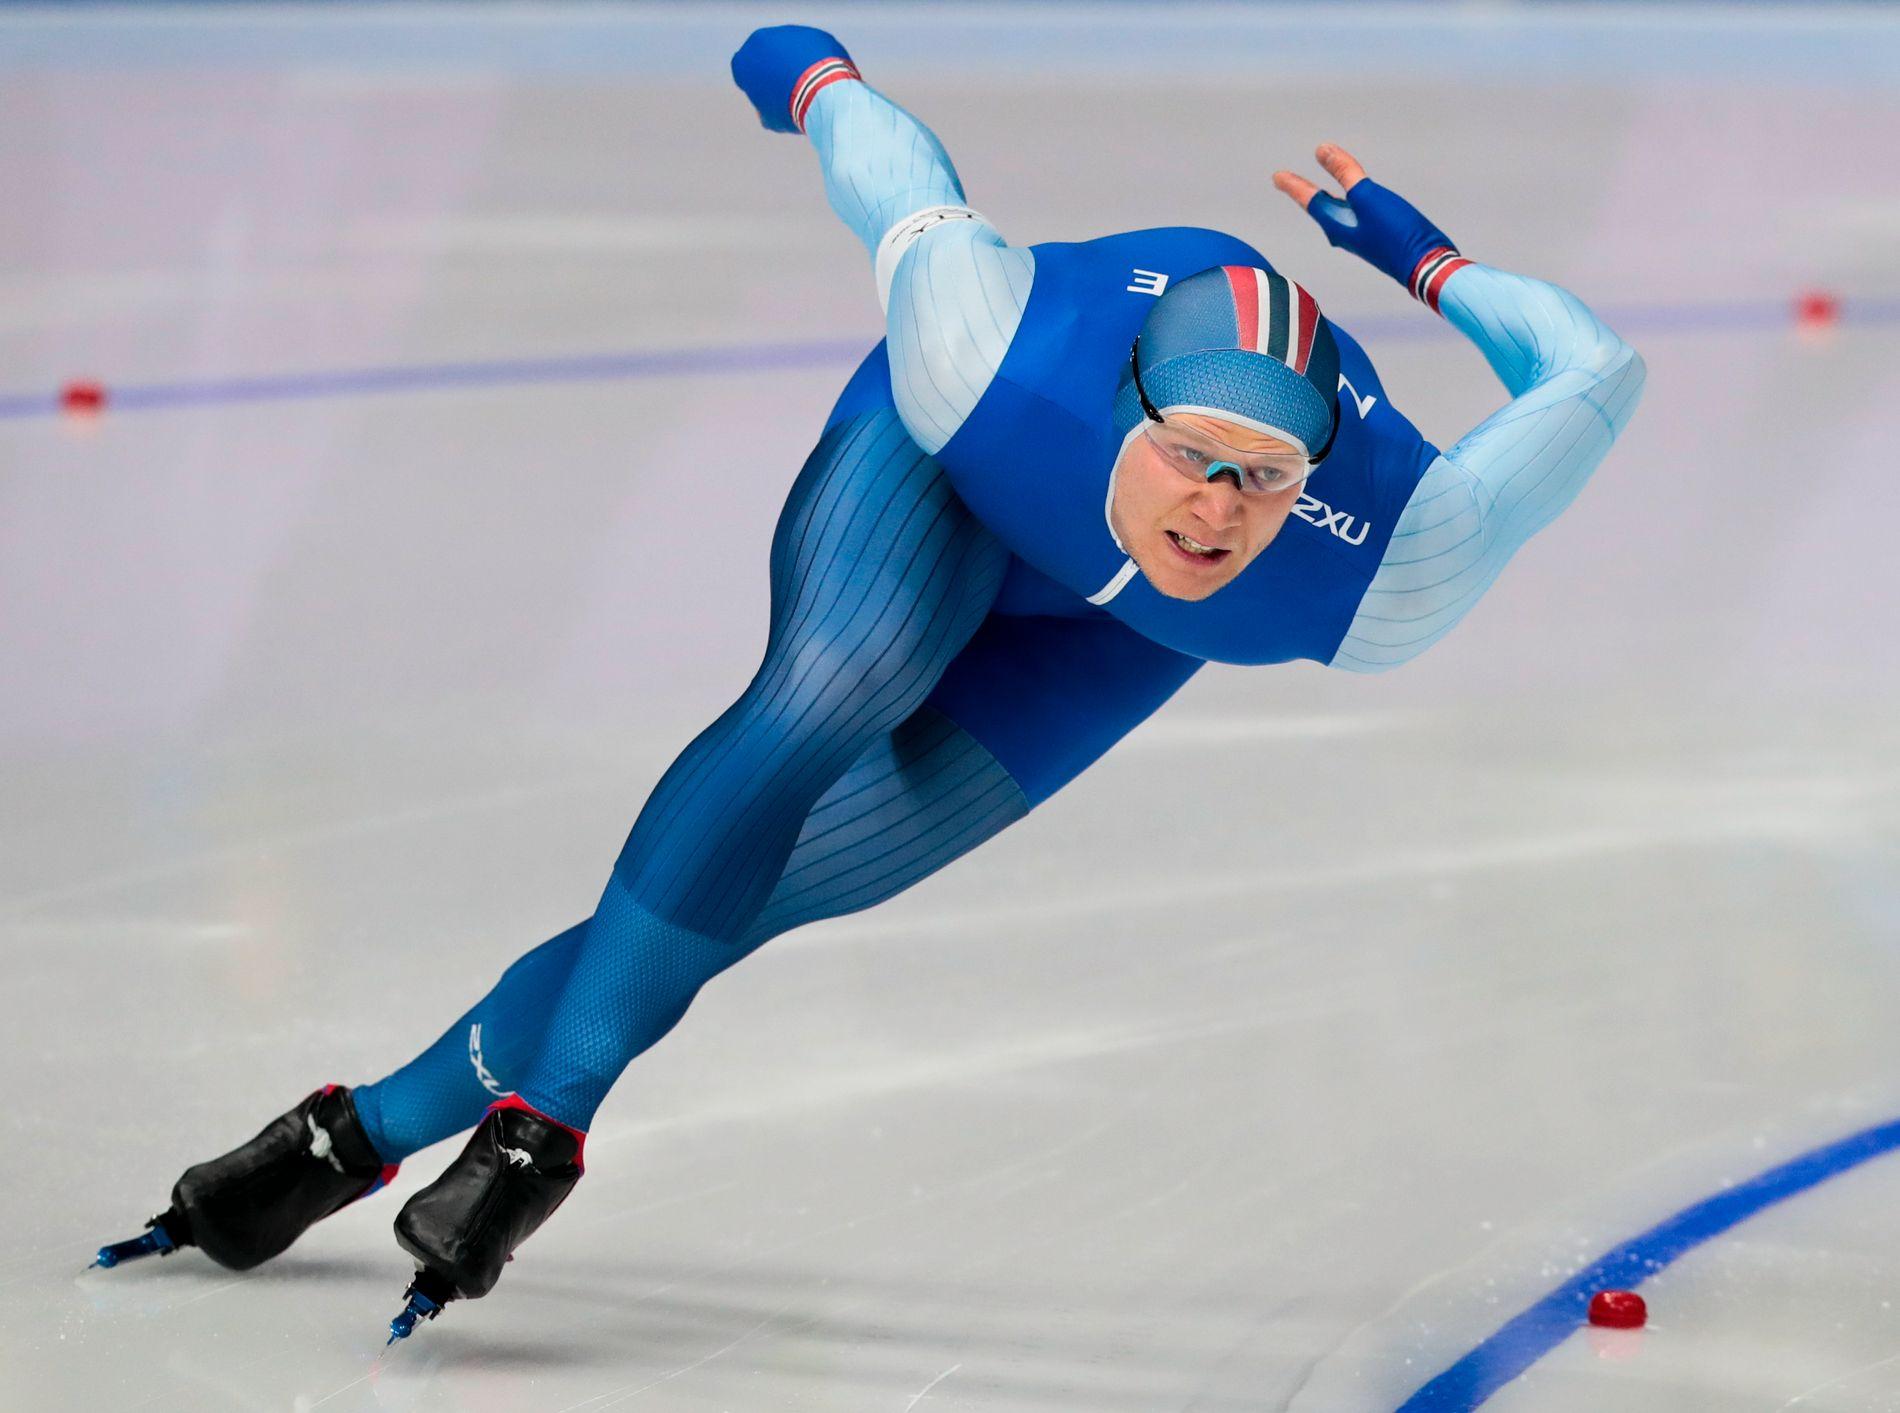 JAKTER MEDALJE: Håvard Holmefjord Lorentzen (26) var uheldig med sterk motvind på 500-meteren fredag og gikk bare passe godt på 1000-meteren - men kan fortsatt ta medalje i sprint-EM.